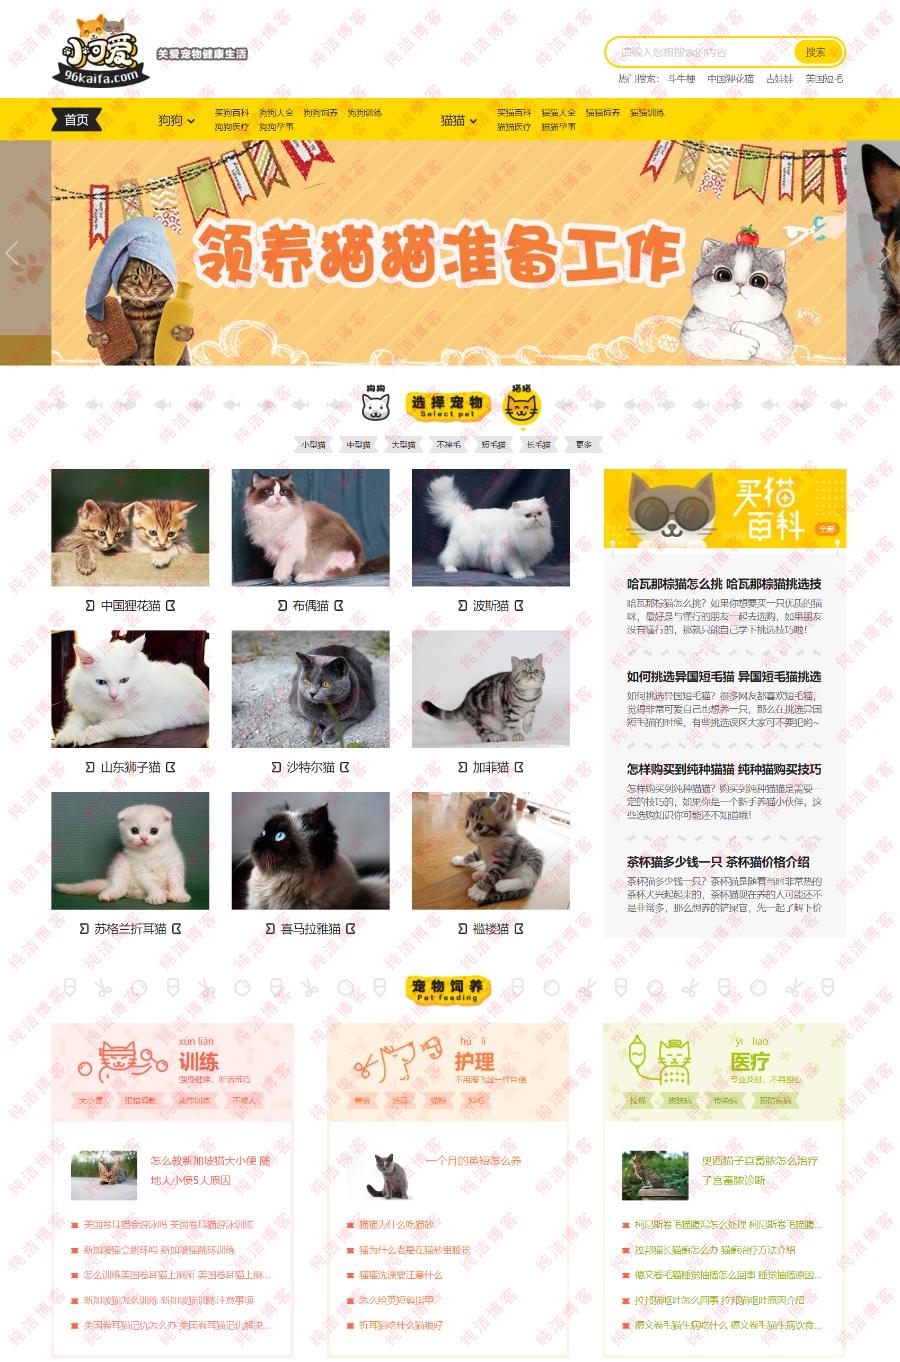 96kaifa仿《小可爱宠物网》宠物网站源码